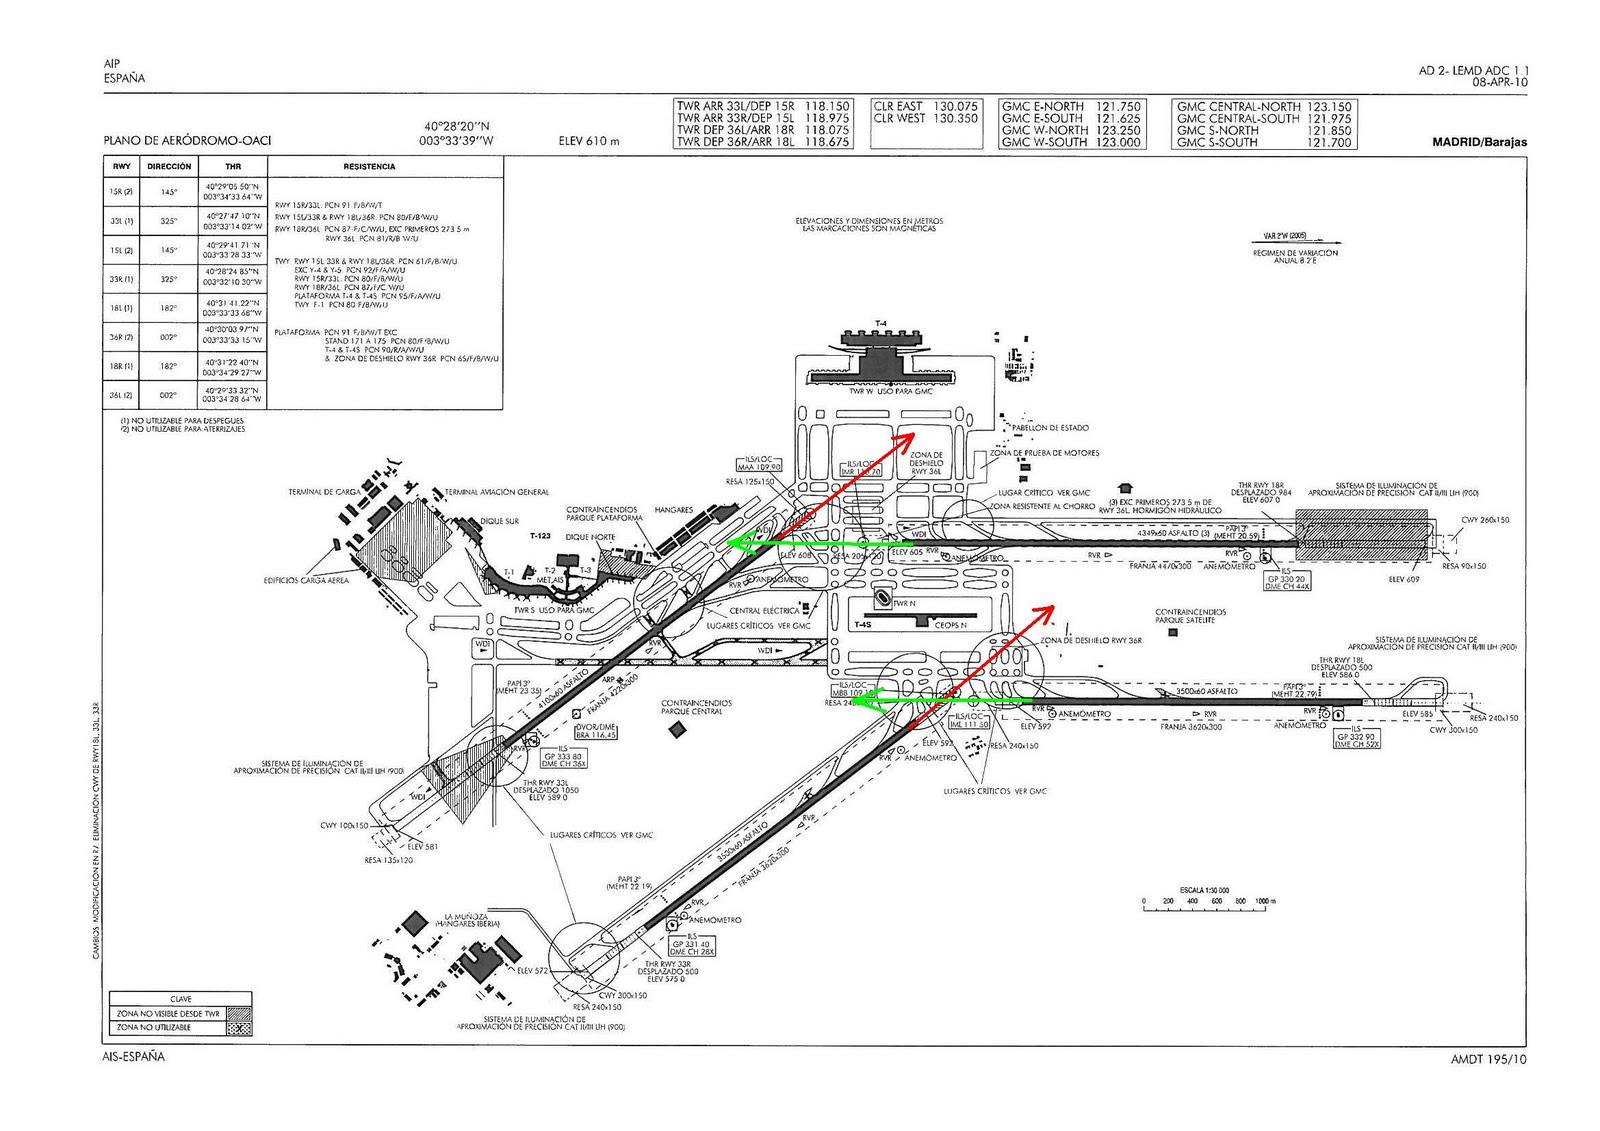 Cd de m xico aeropuerto internacional benito ju rez for Puerta 6 aeropuerto ciudad mexico